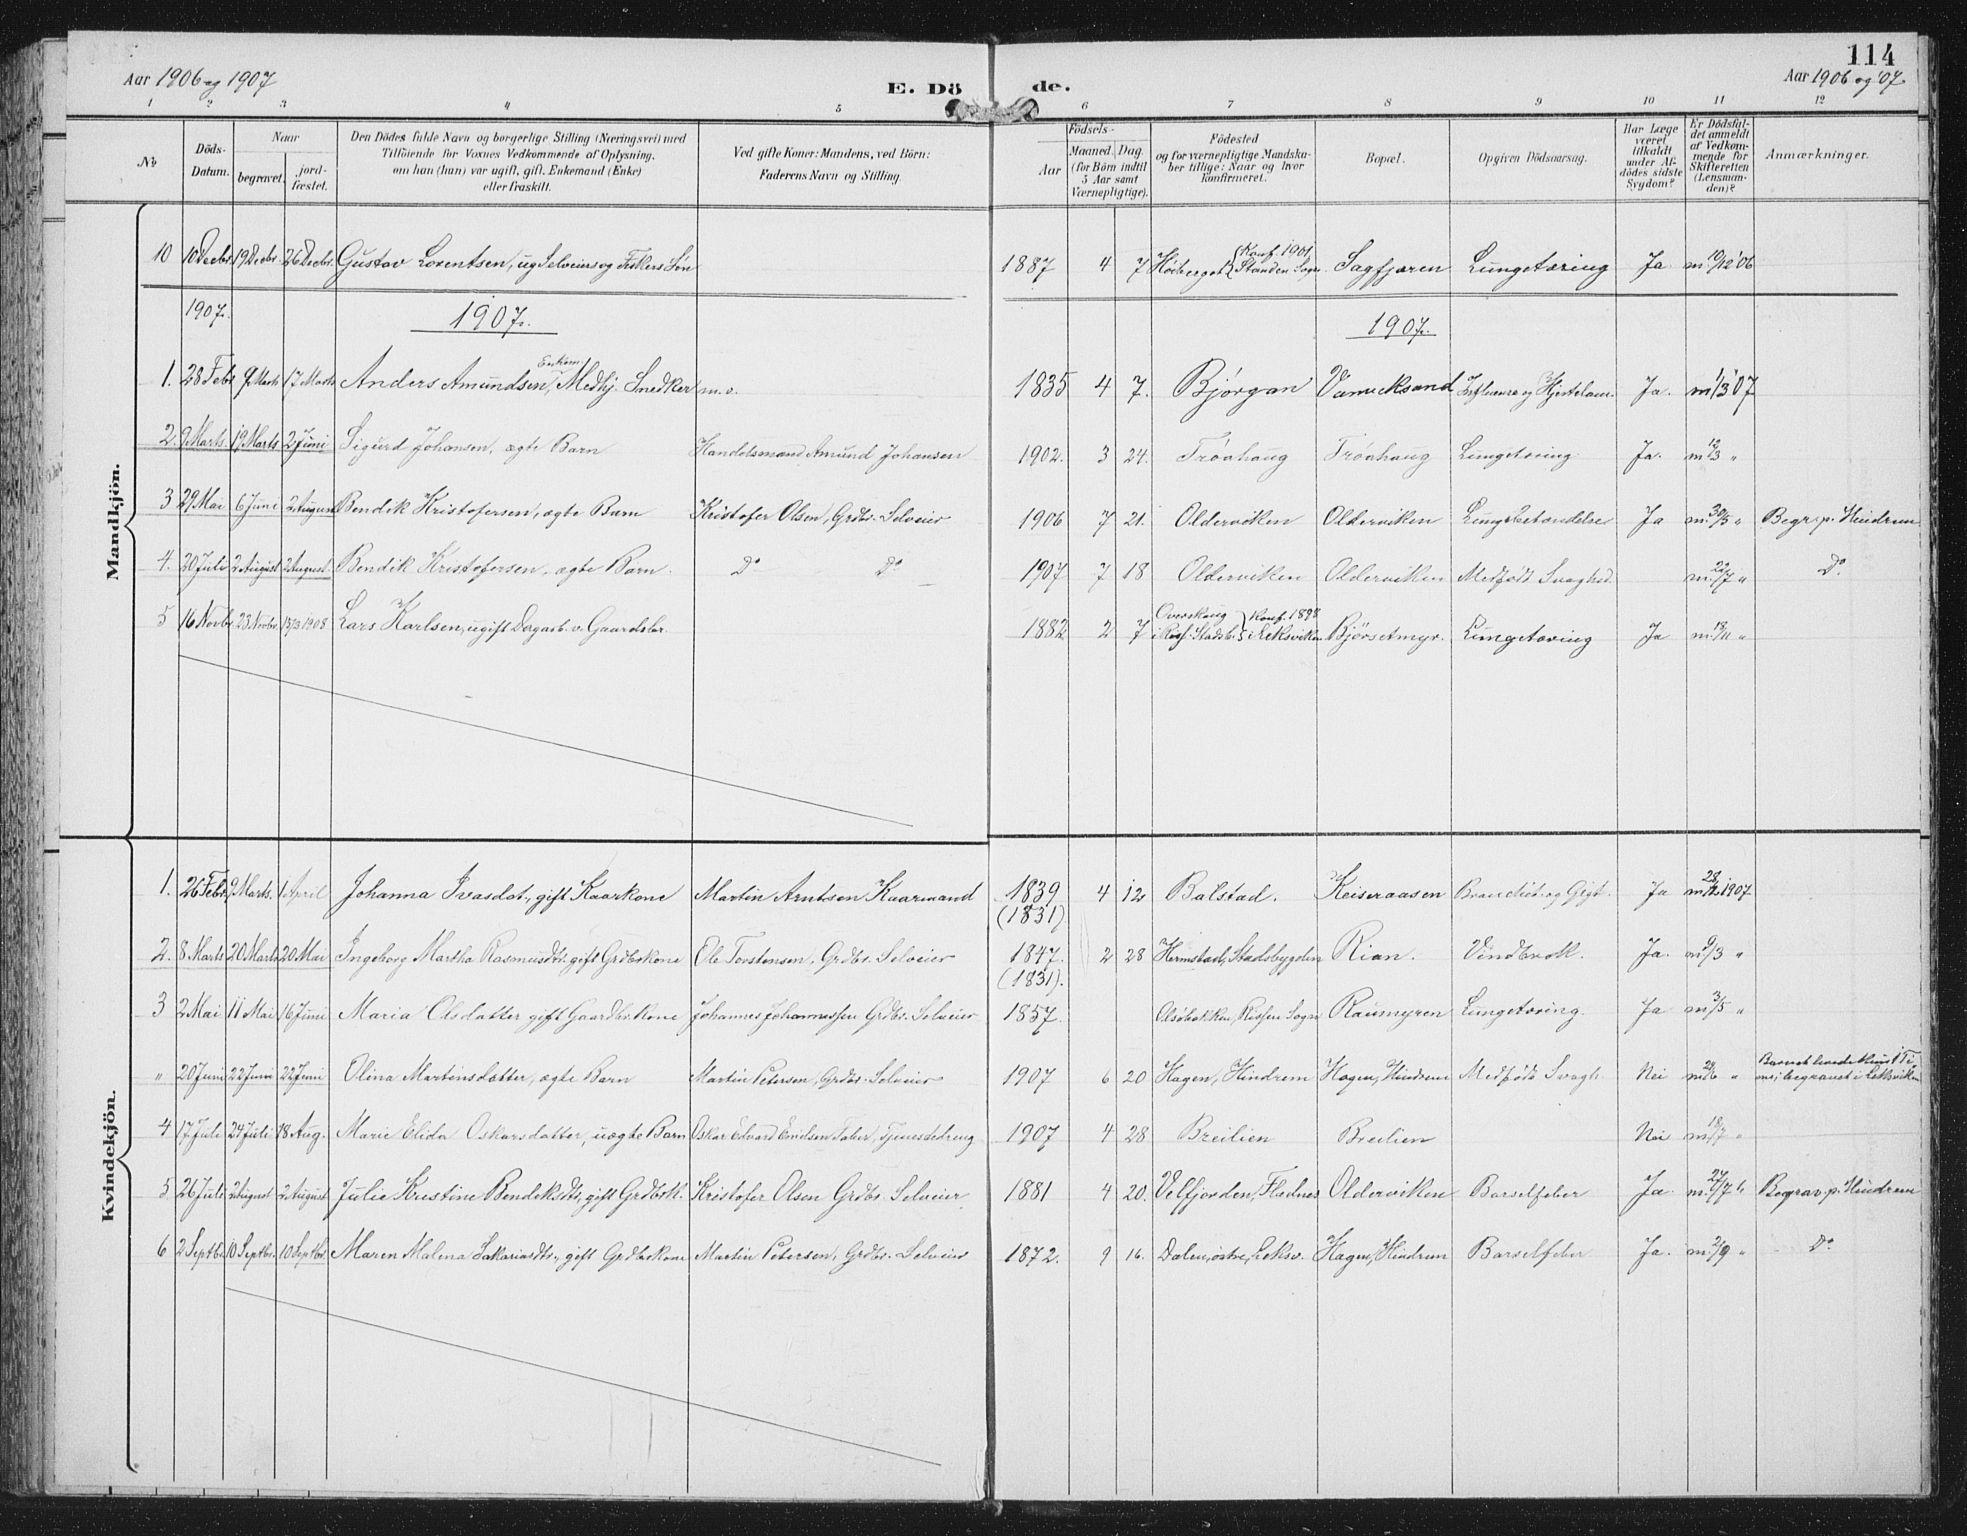 SAT, Ministerialprotokoller, klokkerbøker og fødselsregistre - Nord-Trøndelag, 702/L0024: Ministerialbok nr. 702A02, 1898-1914, s. 114